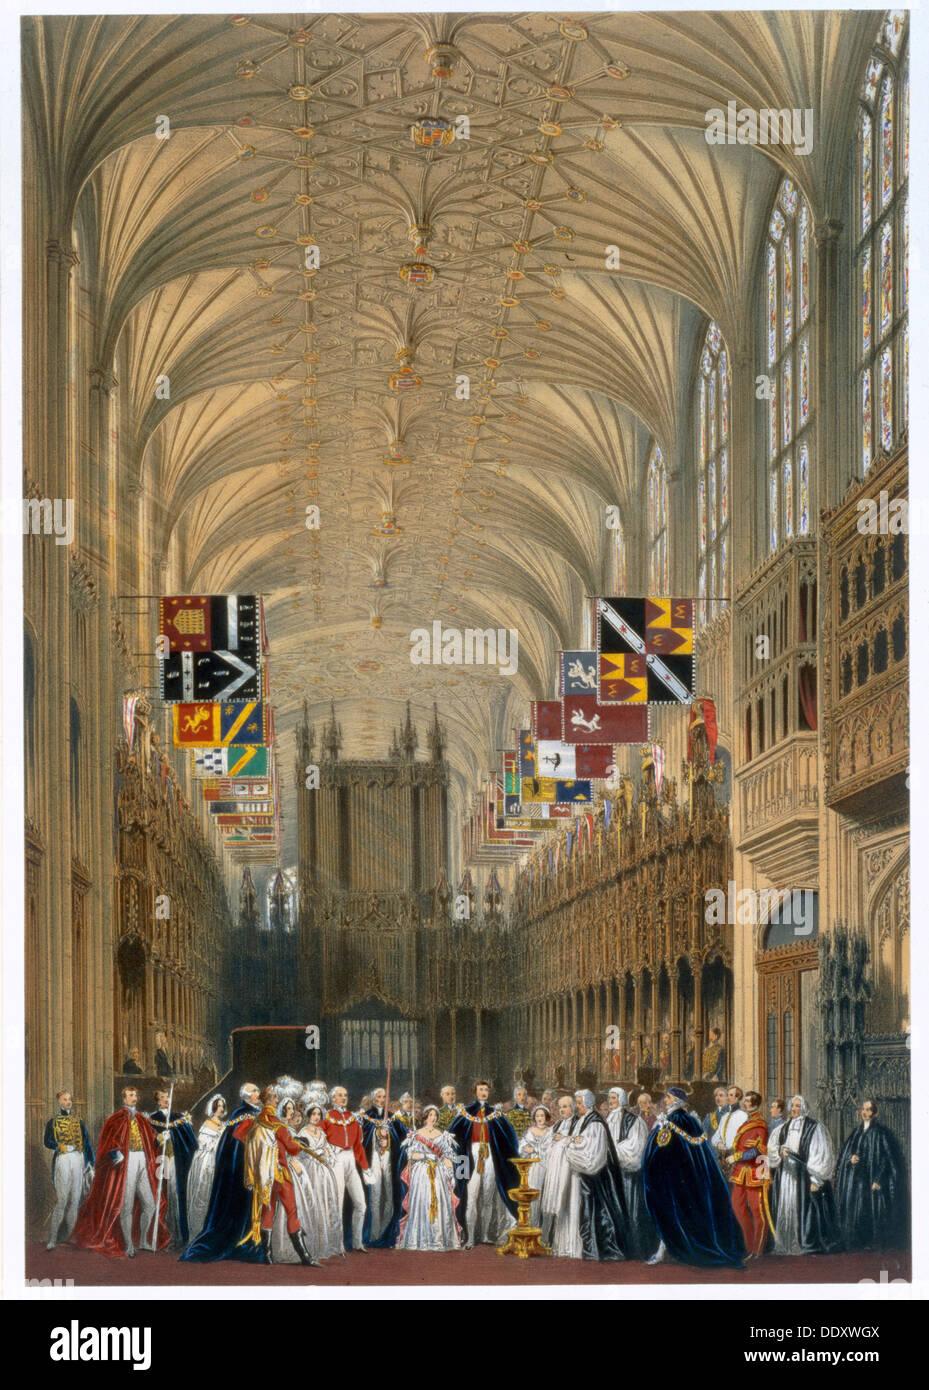 La reine Victoria et le Prince Albert à un service dans la Chapelle St George, le château de Windsor, 1838. Artiste: James Baker Pyne Photo Stock